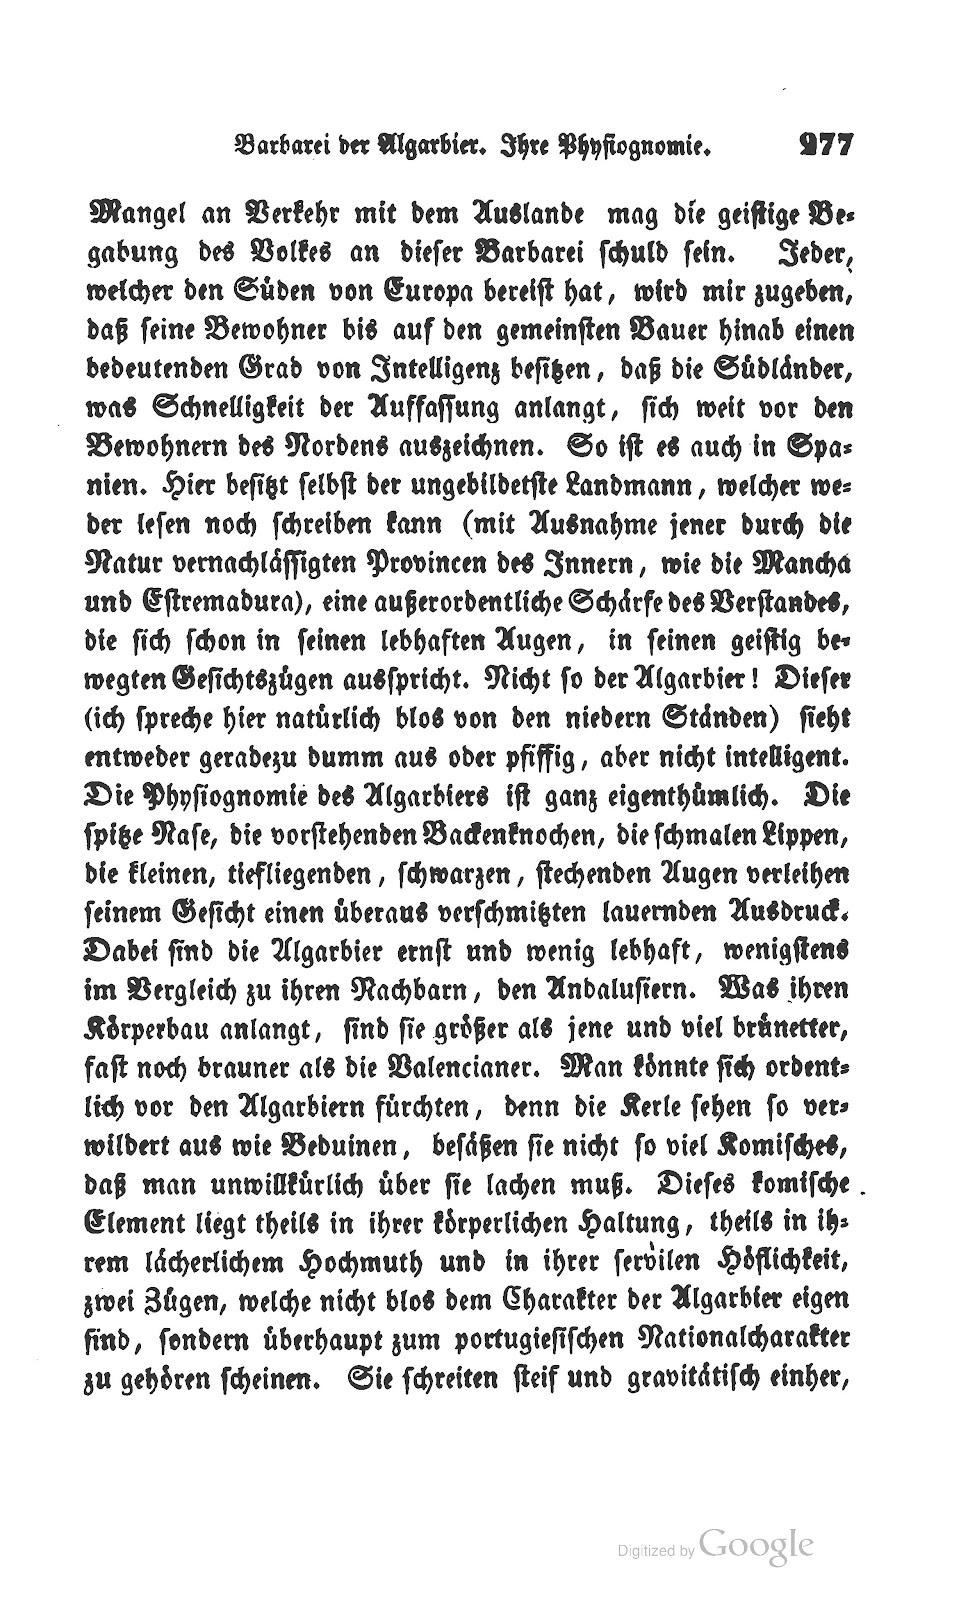 WIllkomm - 10. Kapitel Pages from Zwei_Jahre_in_Spanien_und_Portugal(3)_Page_19.jpg